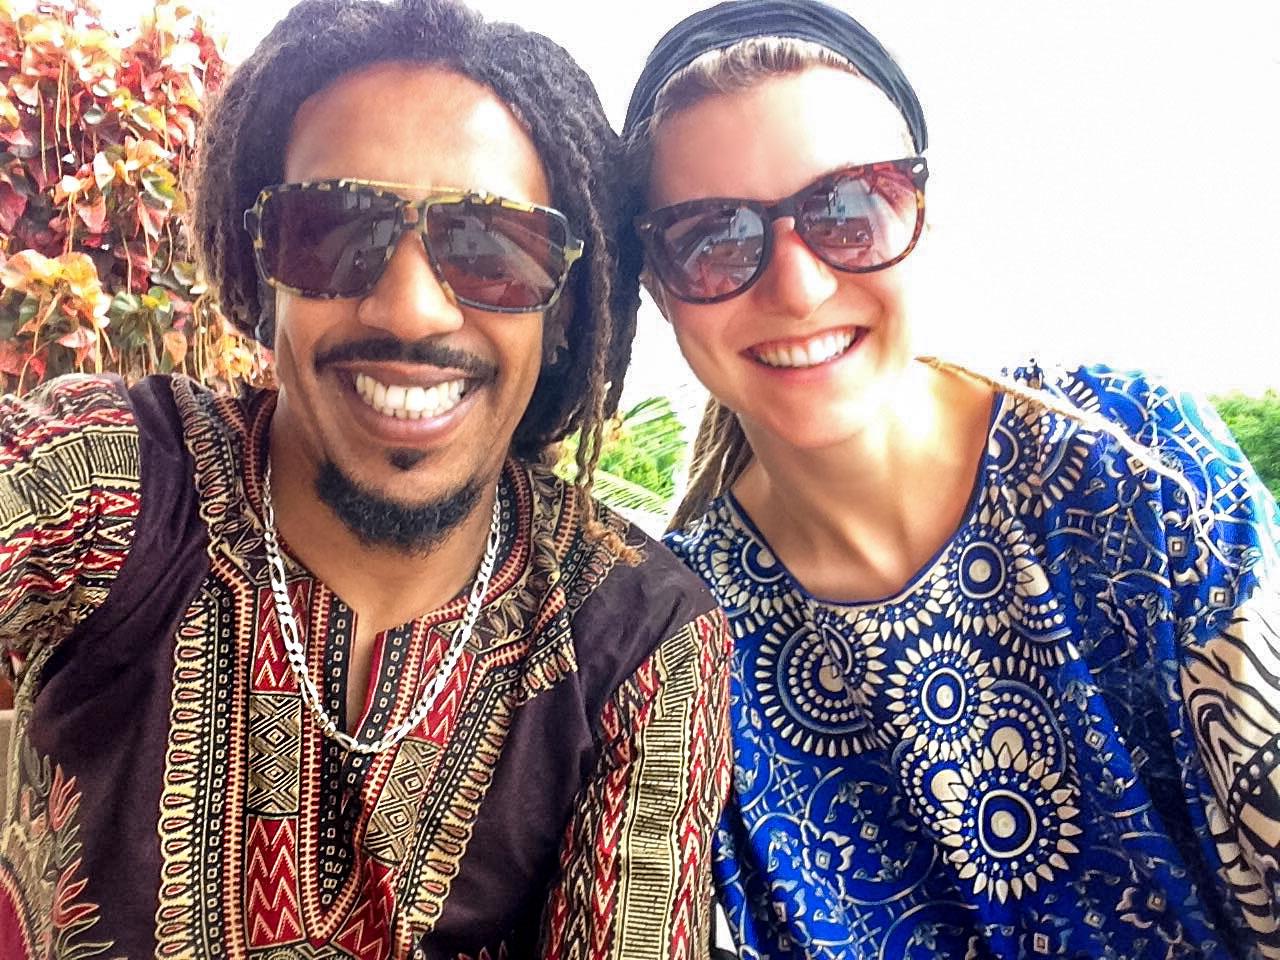 Dreadlock couple in Niterói, Brazil